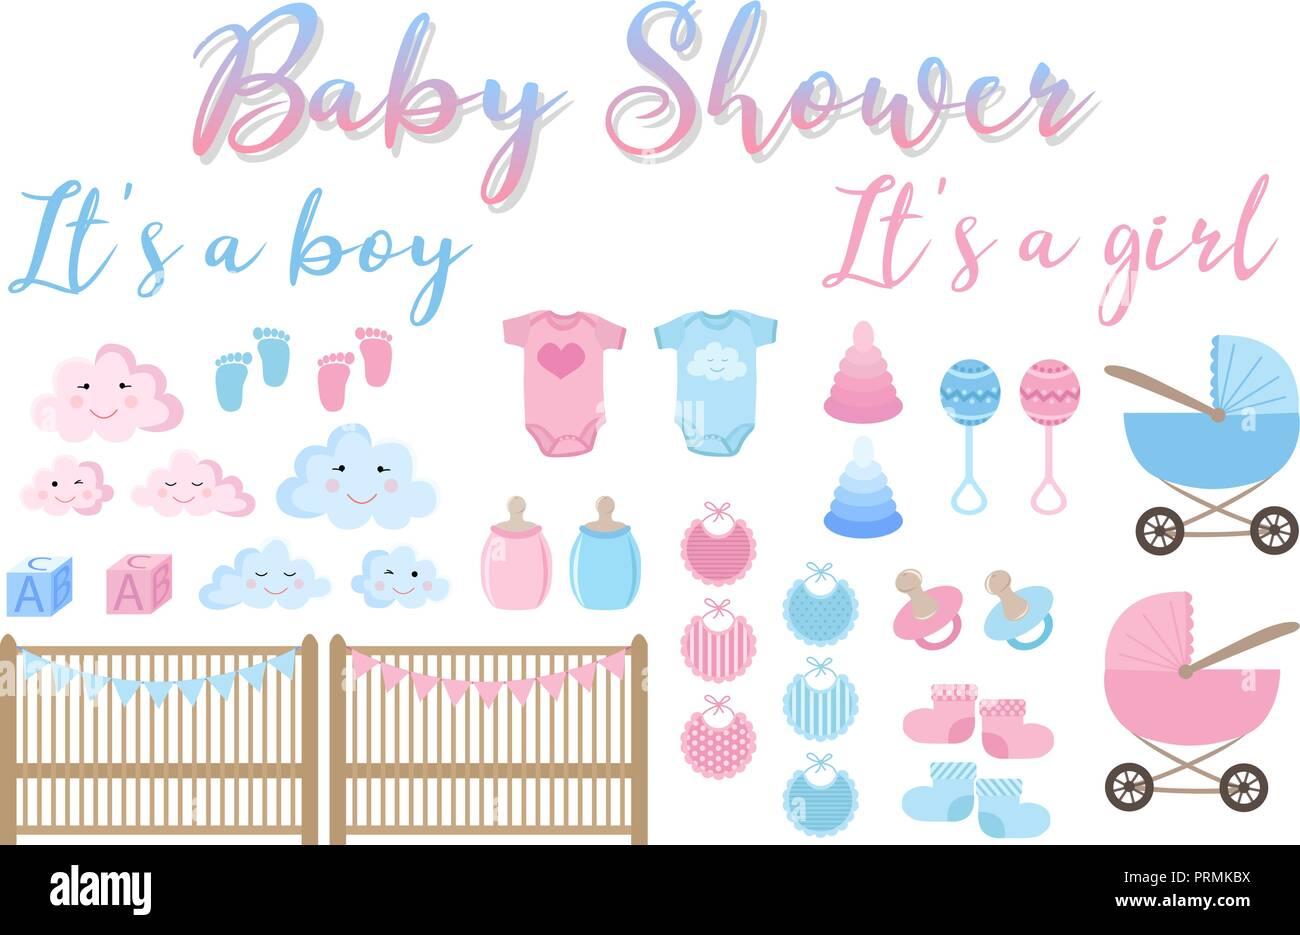 Boys Birthday Card Stock Photos Boys Birthday Card Stock Images